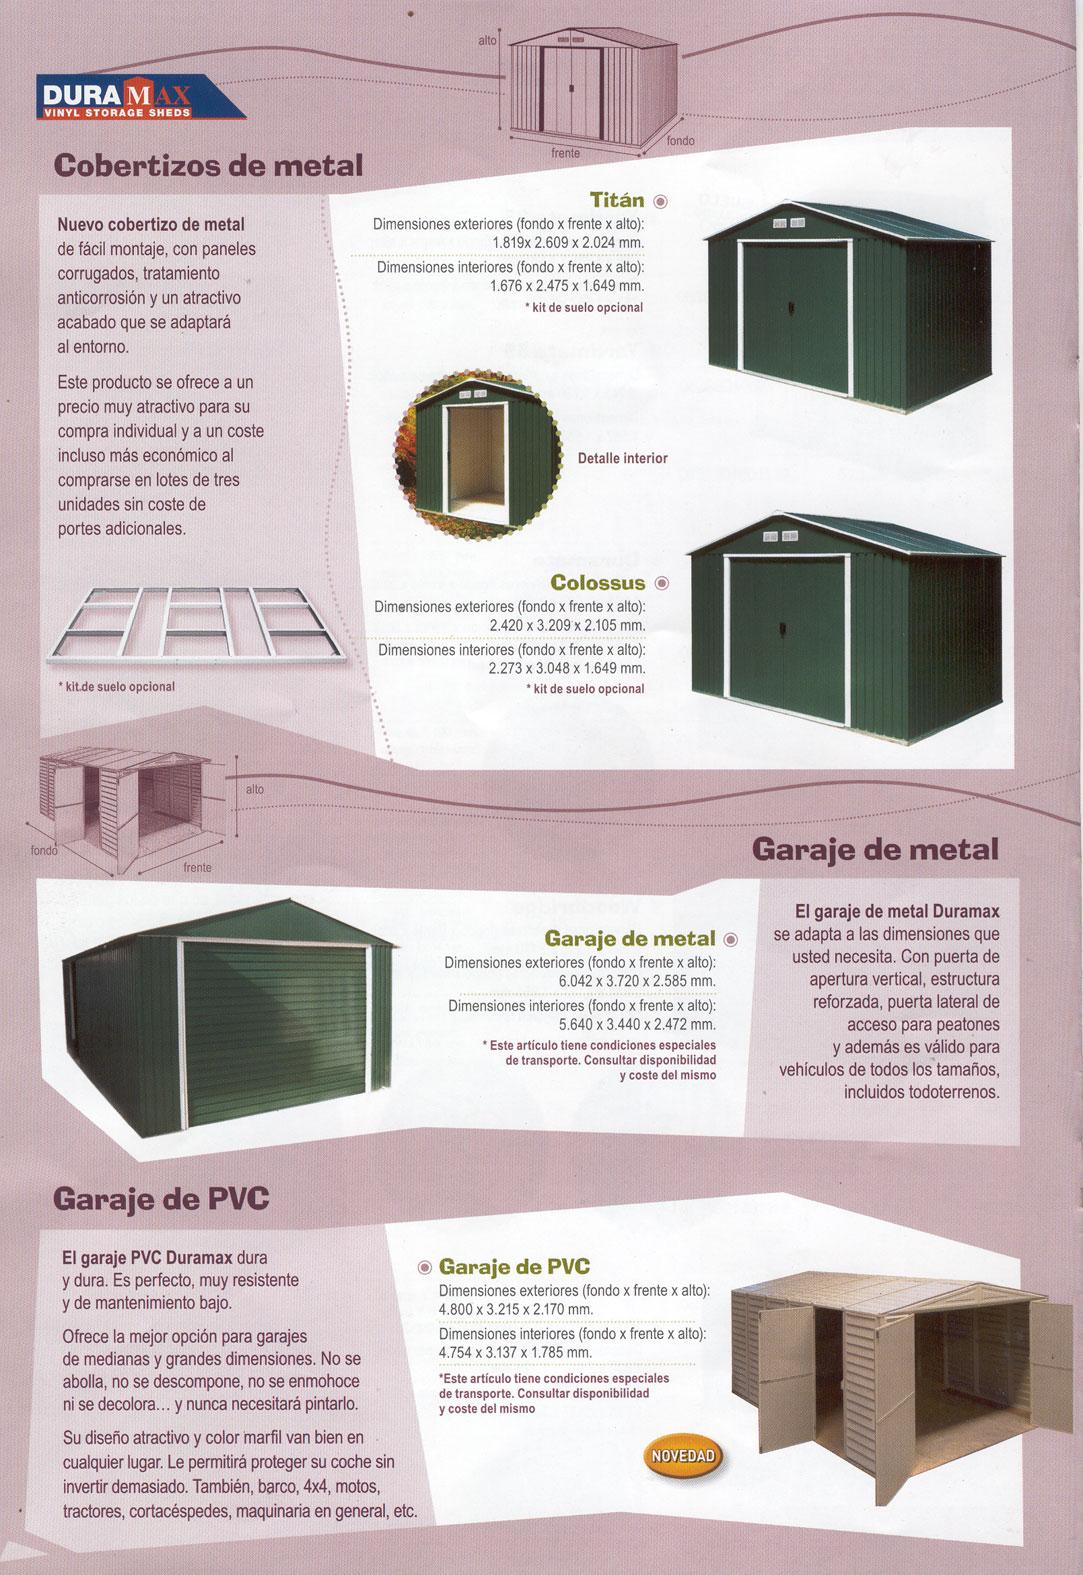 Cobertizos de jardin granada for Jardin botanico granada precio